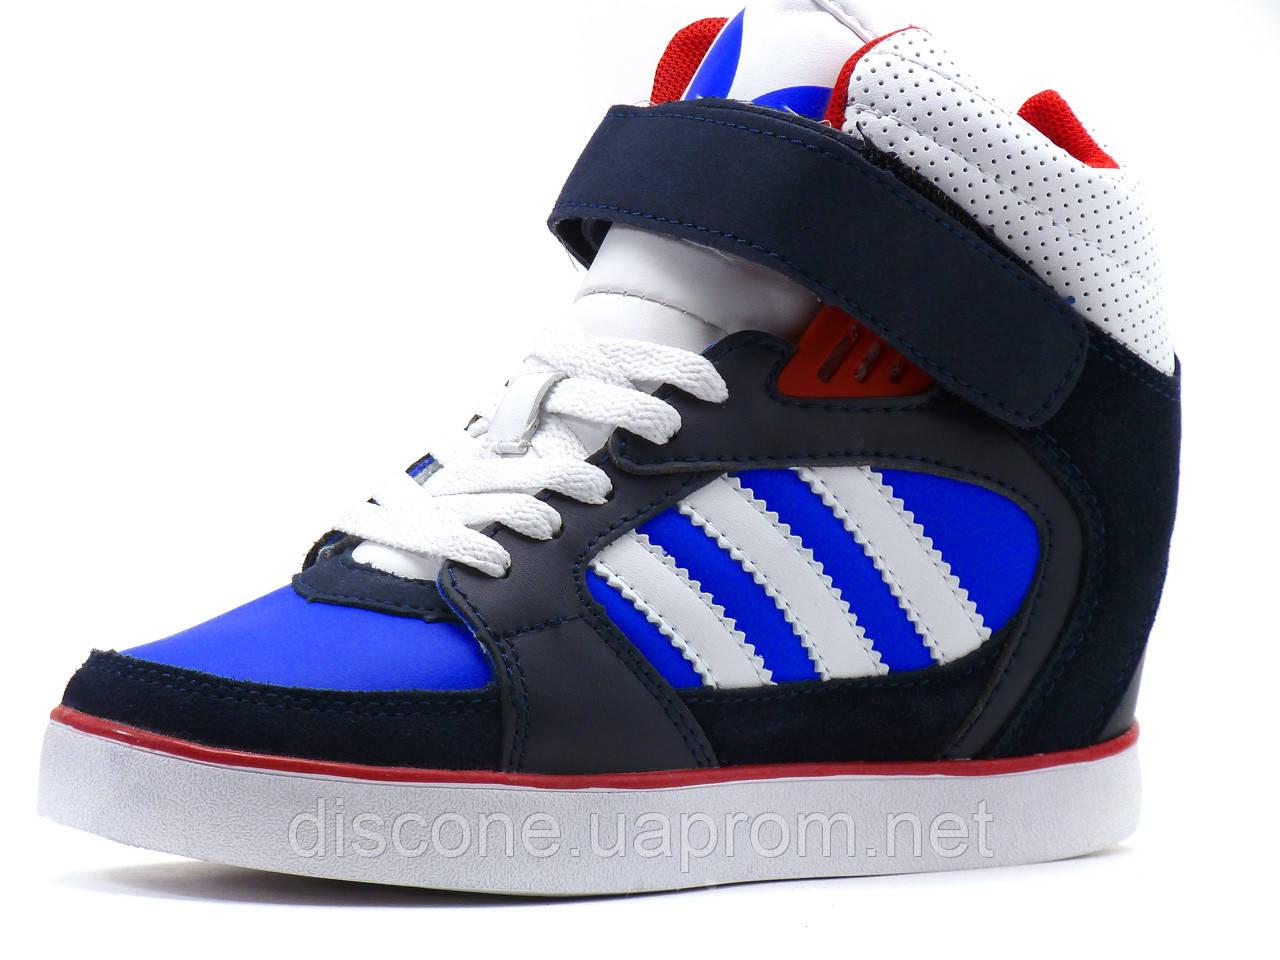 Сникерсы черные Adidas шнурок Wedge Heels женские синие черные Сникерсы белые шнурок 3775568 - rigevidogenerati.website